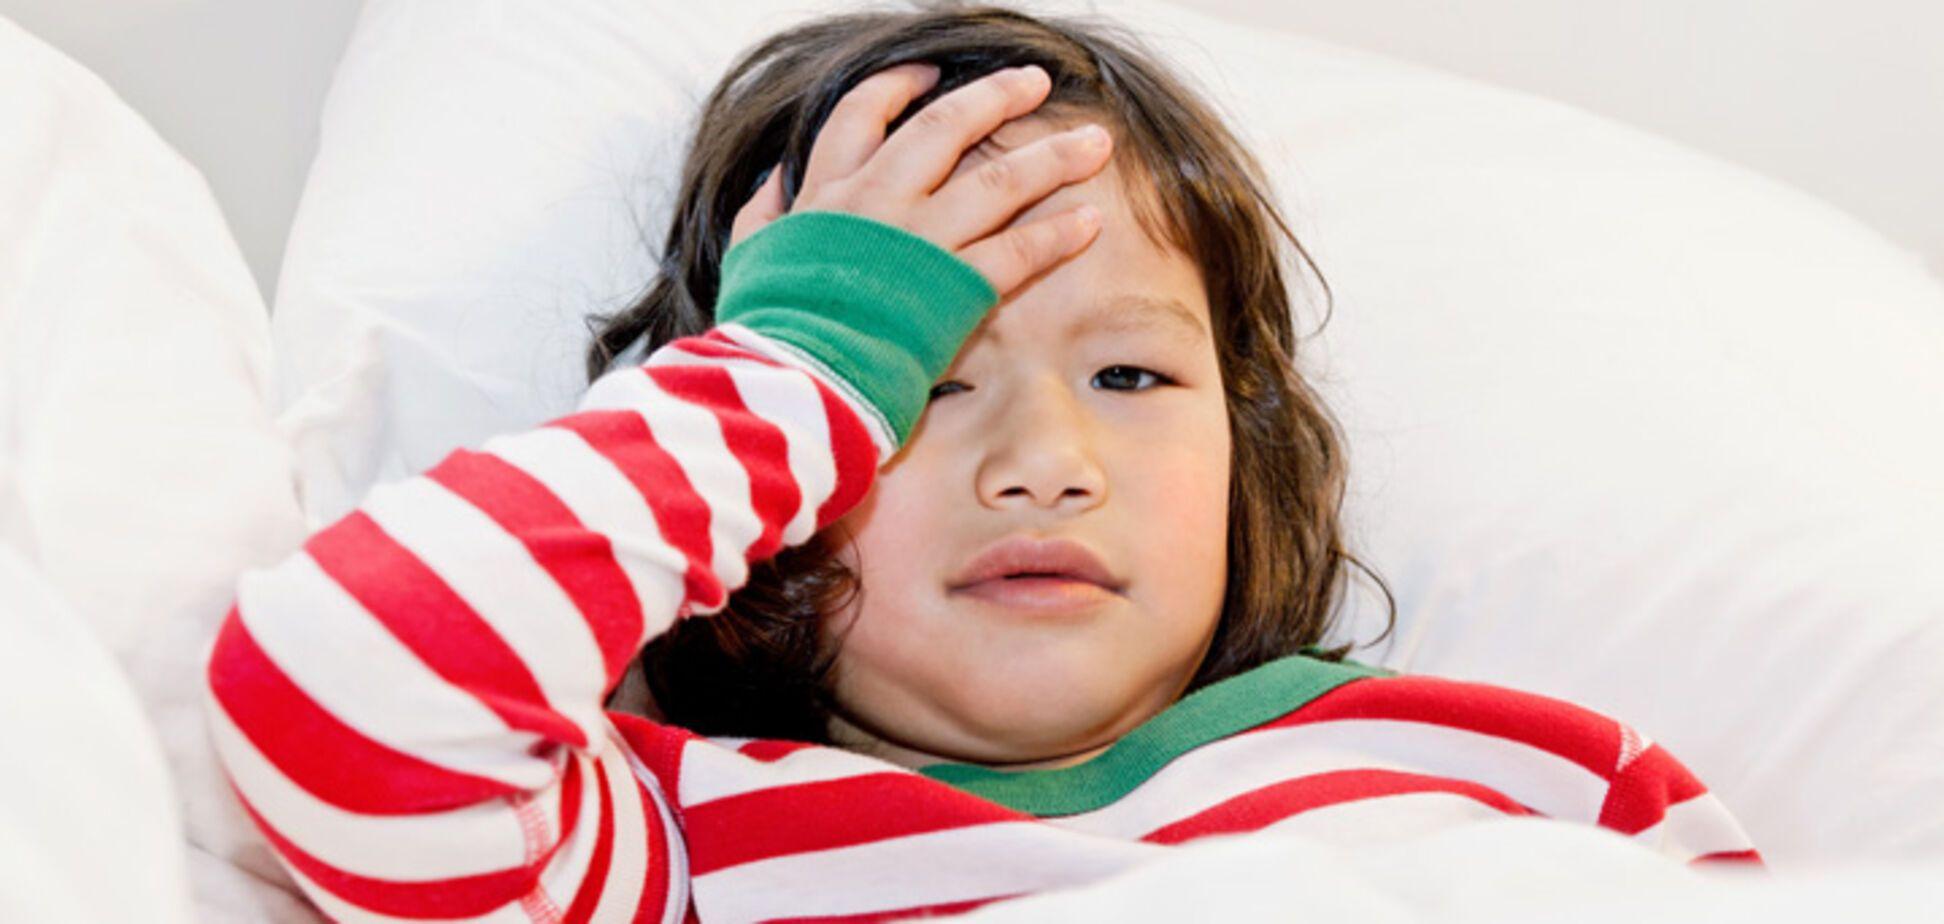 Боль в глазу во время сна: причины и лечение